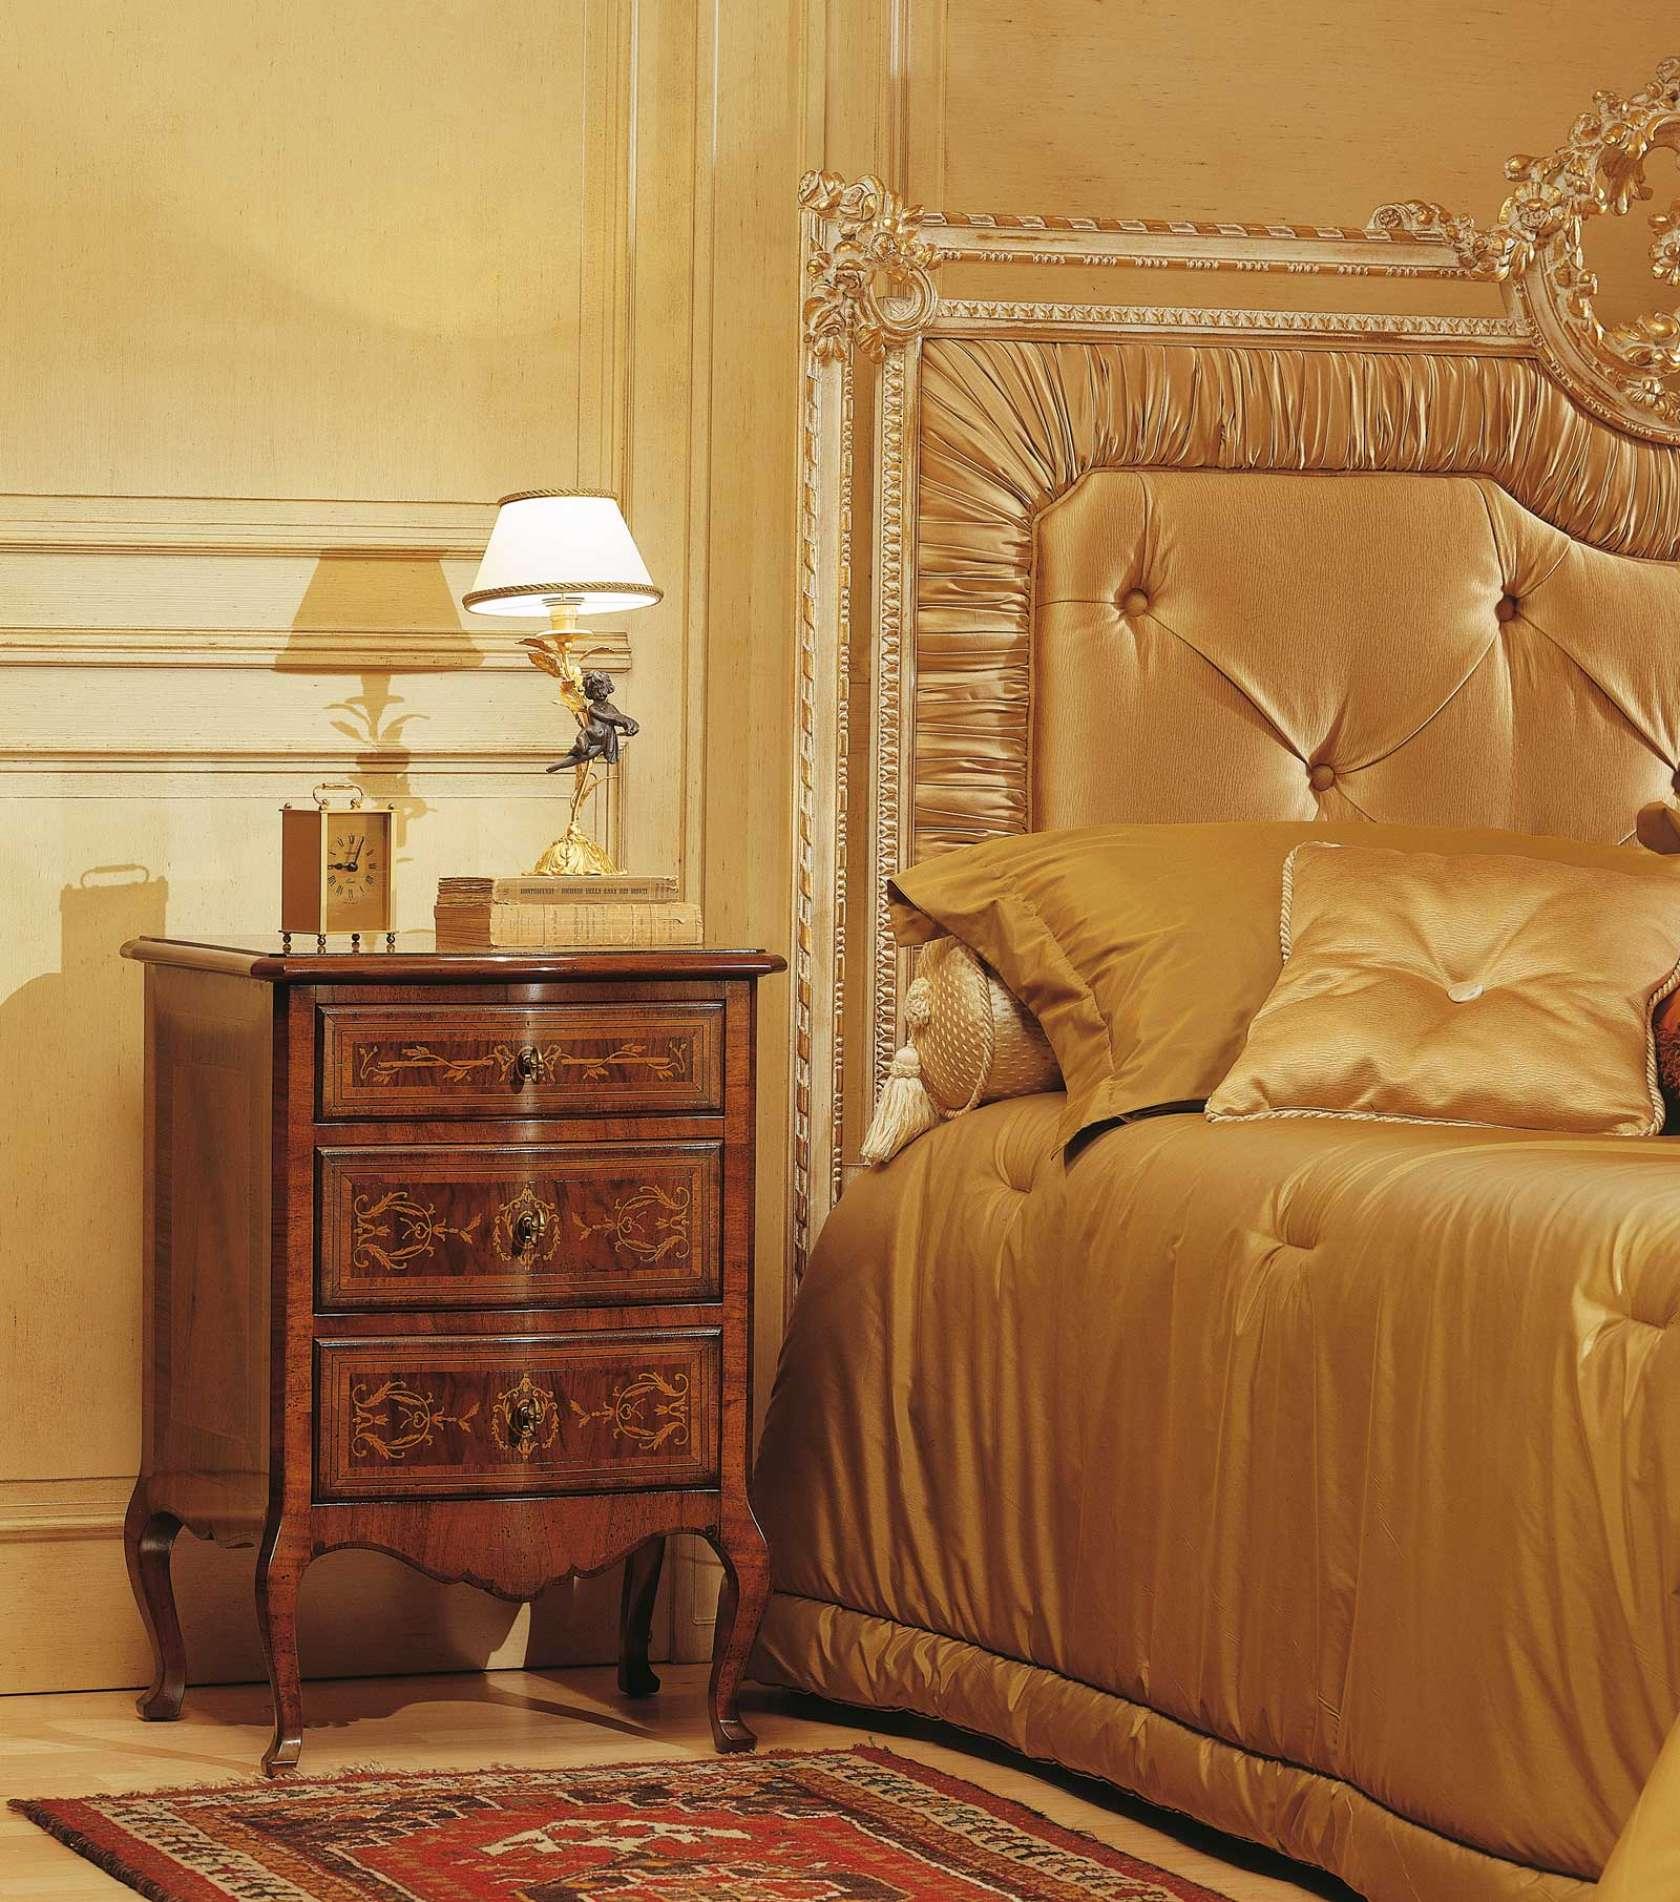 Camera da letto classica louvre comodino in noce finitura d 39 antiquariato letto capitonn - Camera da letto in noce ...